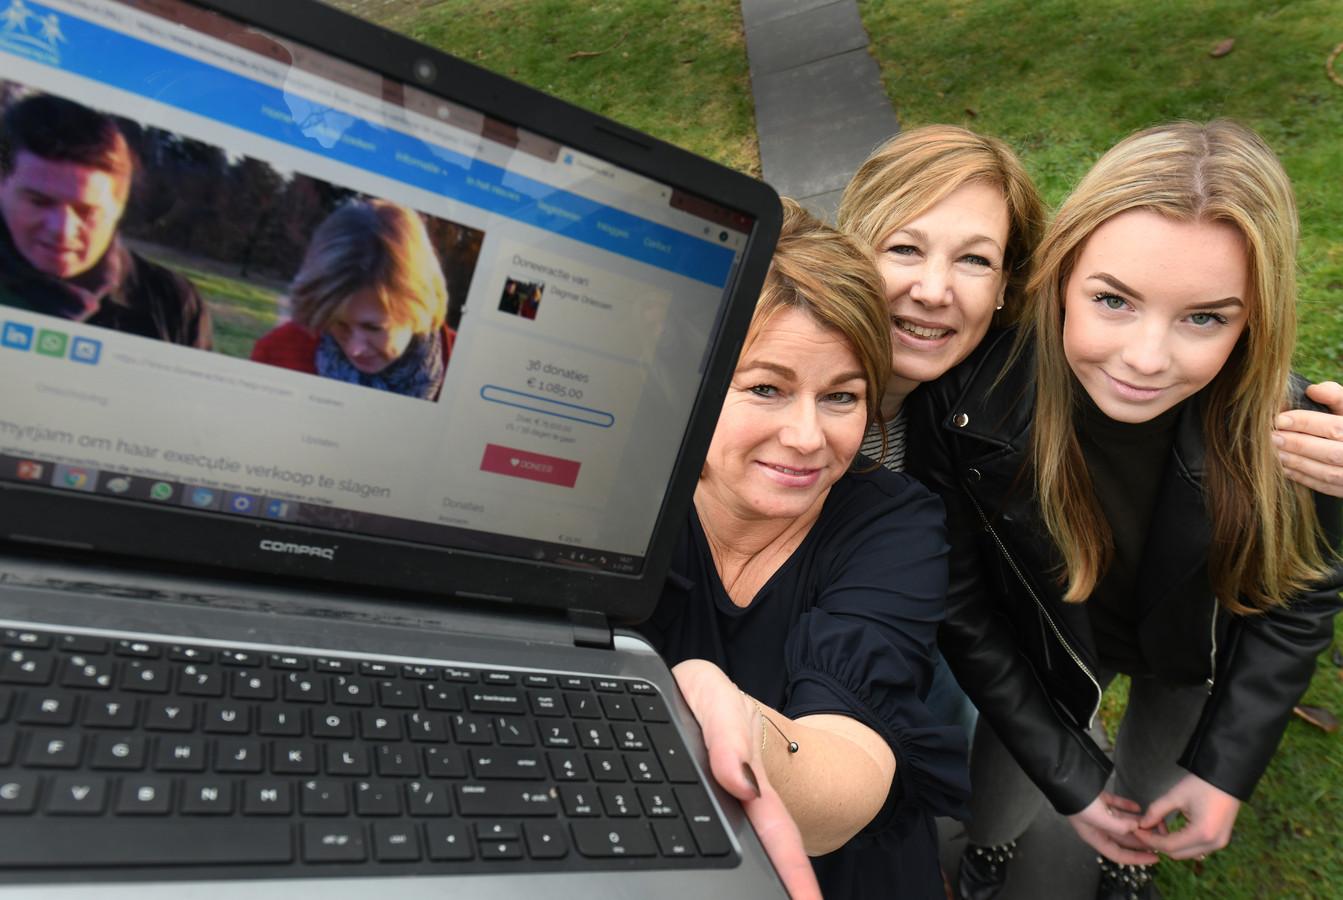 Dagmar Driessen en haar dochter Lauren (links en rechts) begonnen een crowdfundingsactie voor Myriam van de Langemaat (midden) en haalden na de eerste dag 6830 euro op voor de weduwe die haar man aan zelfmoord verloor.